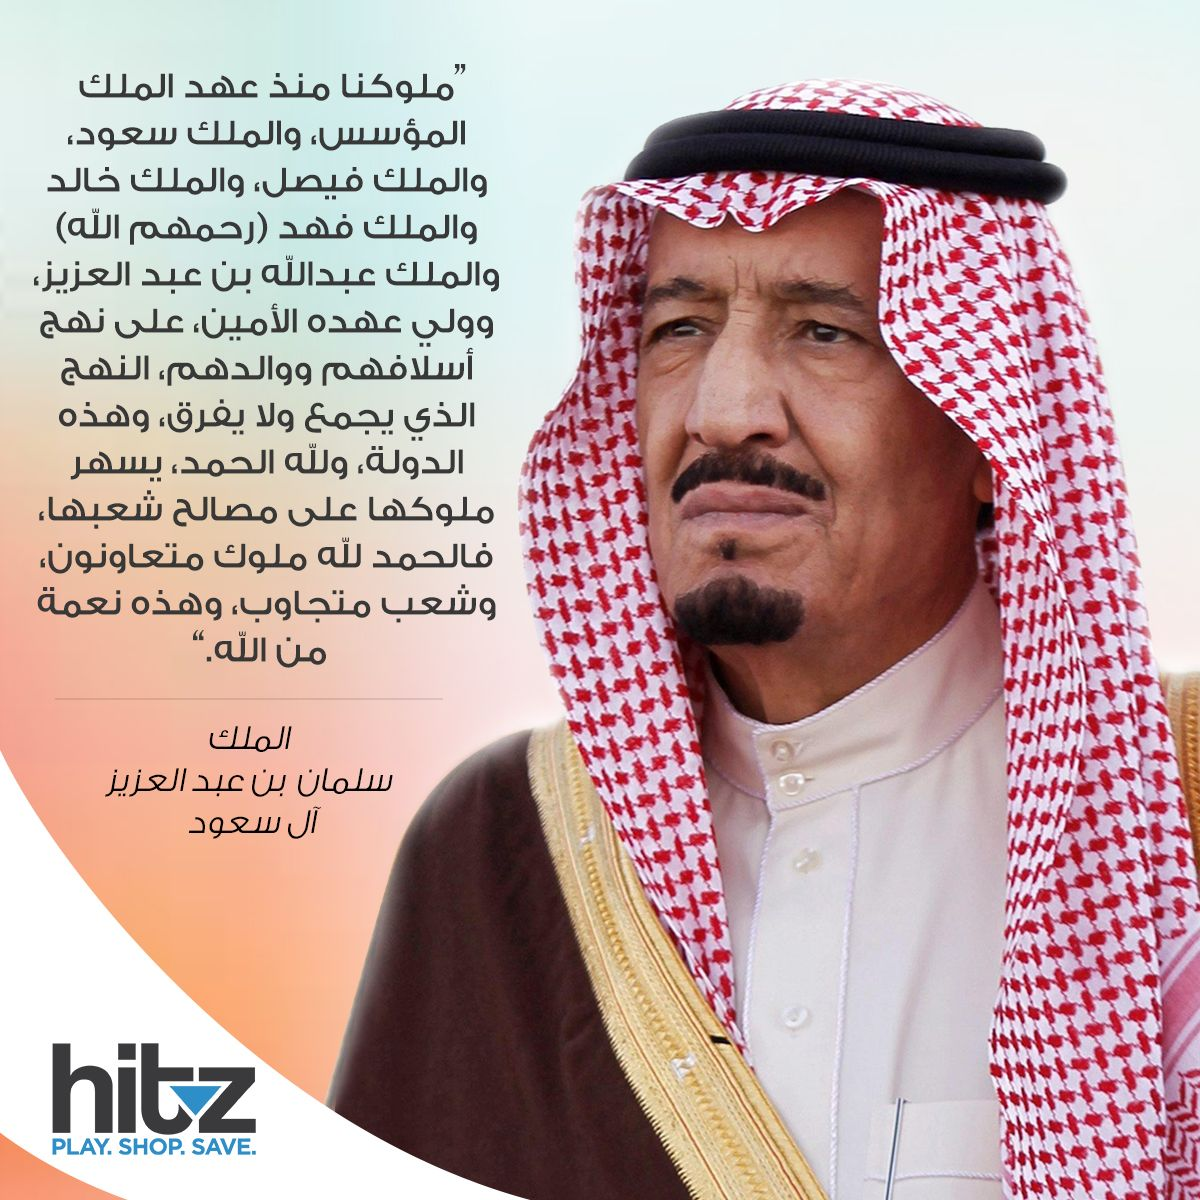 من أقوال الملك سلمان بن عبد العزيز آل سعود حفظه الله السعودية